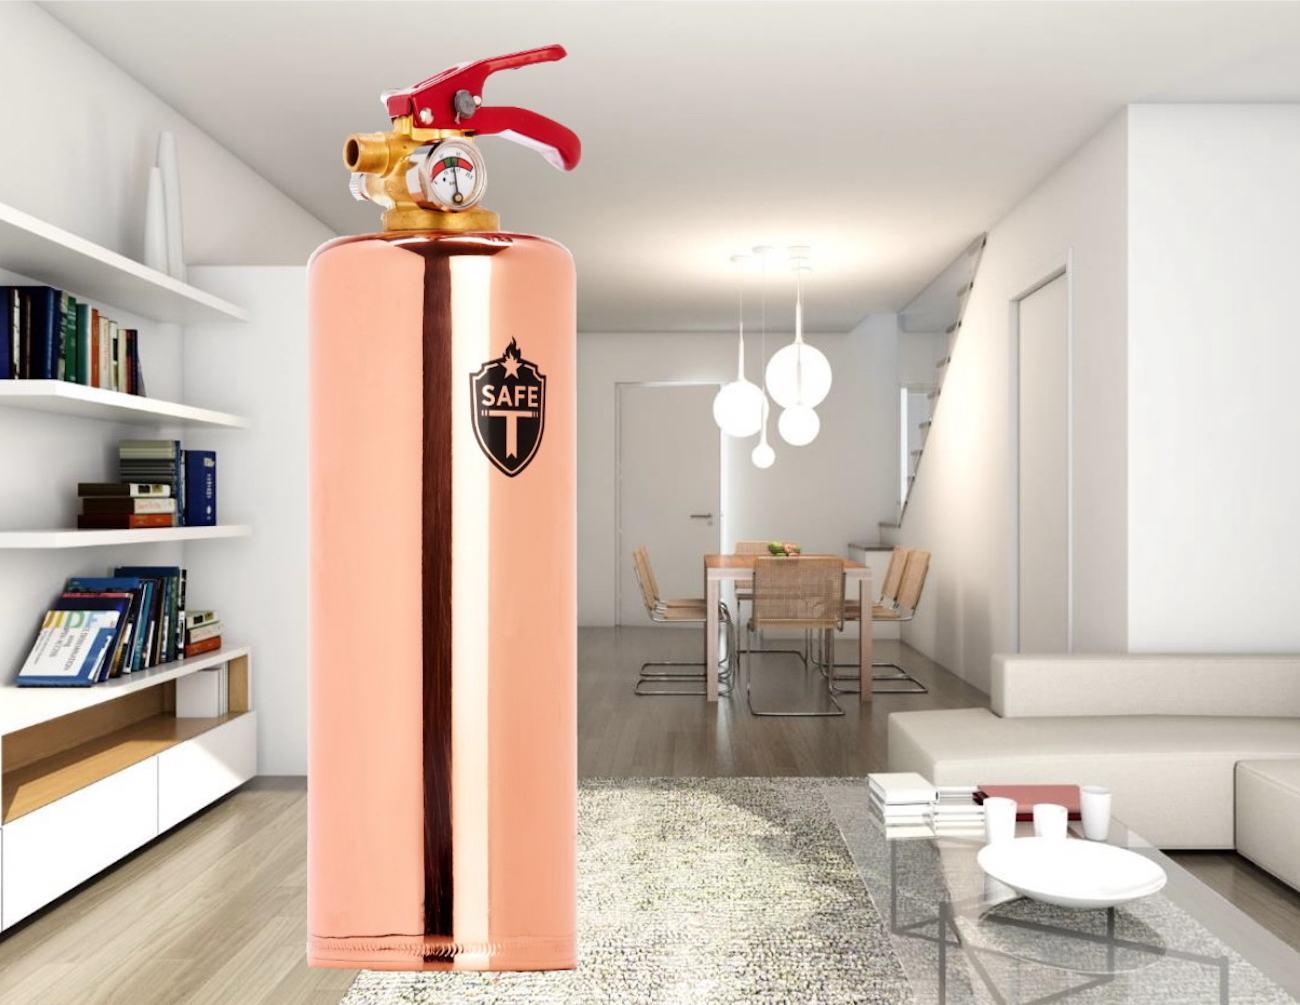 Safe-T+Designer+Fire+Extinguishers